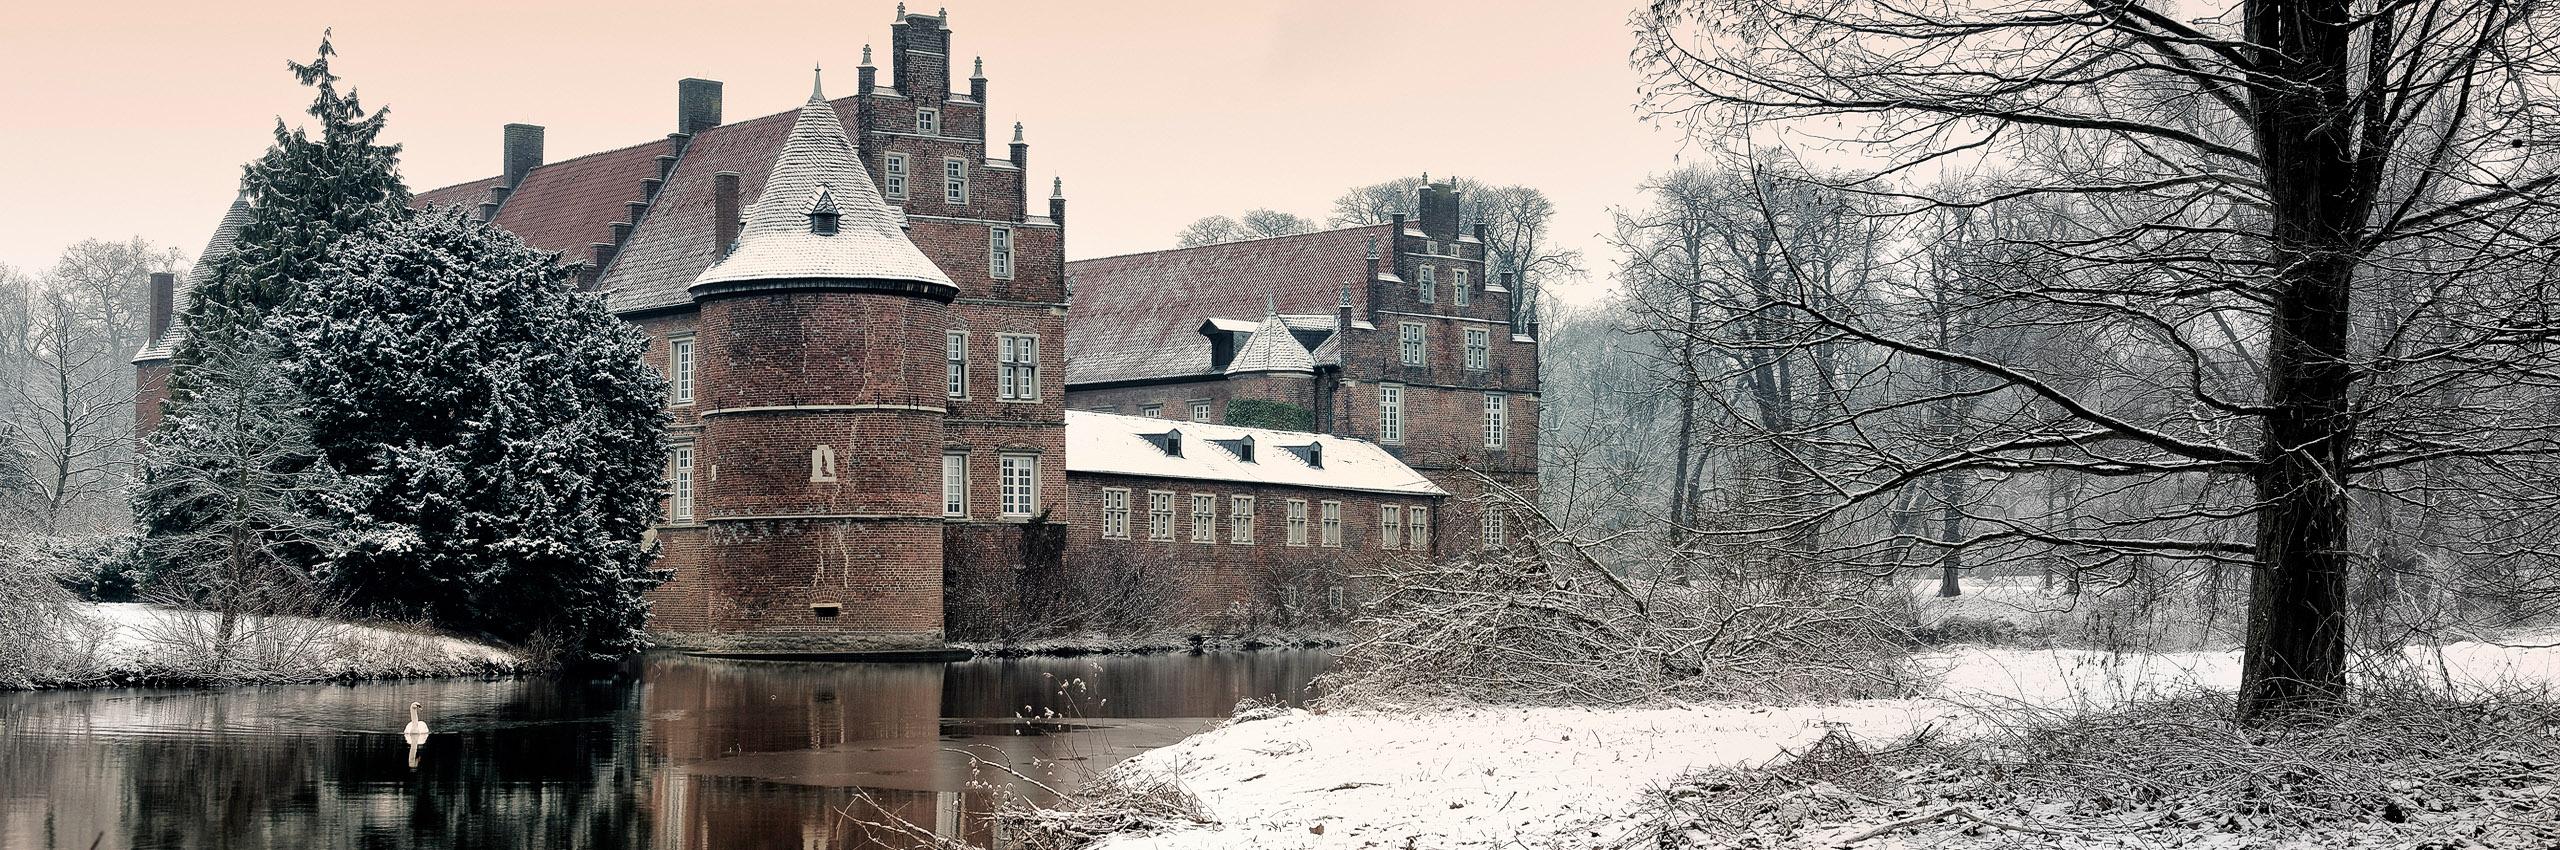 Www My Next Home De Saarland